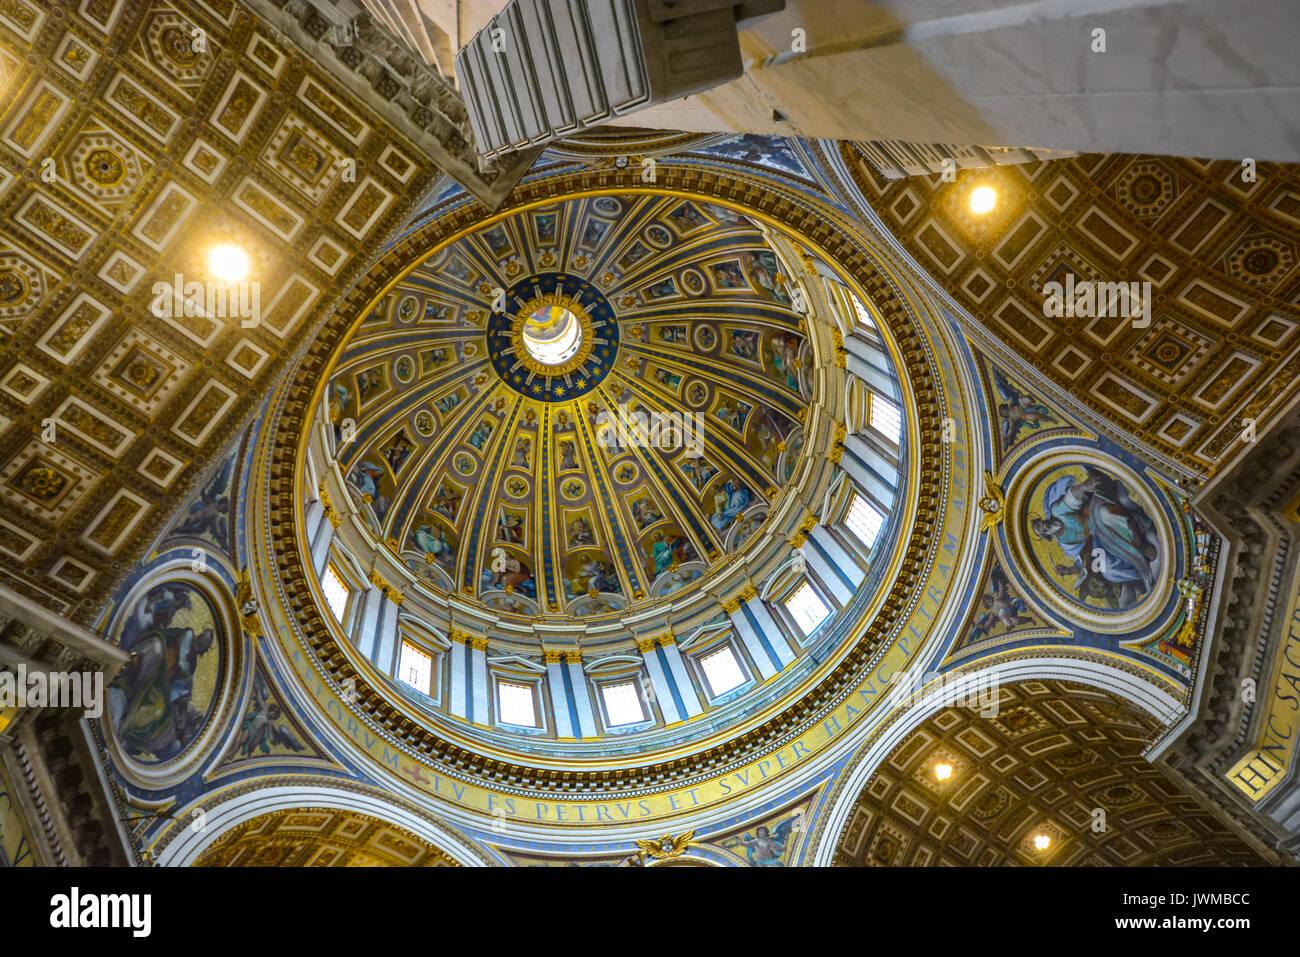 Die Kuppel der St. Peters Basilika im Vatikan, Rom Italien aus dem Innenraum mit brillanten gold und blau Farben Stockbild